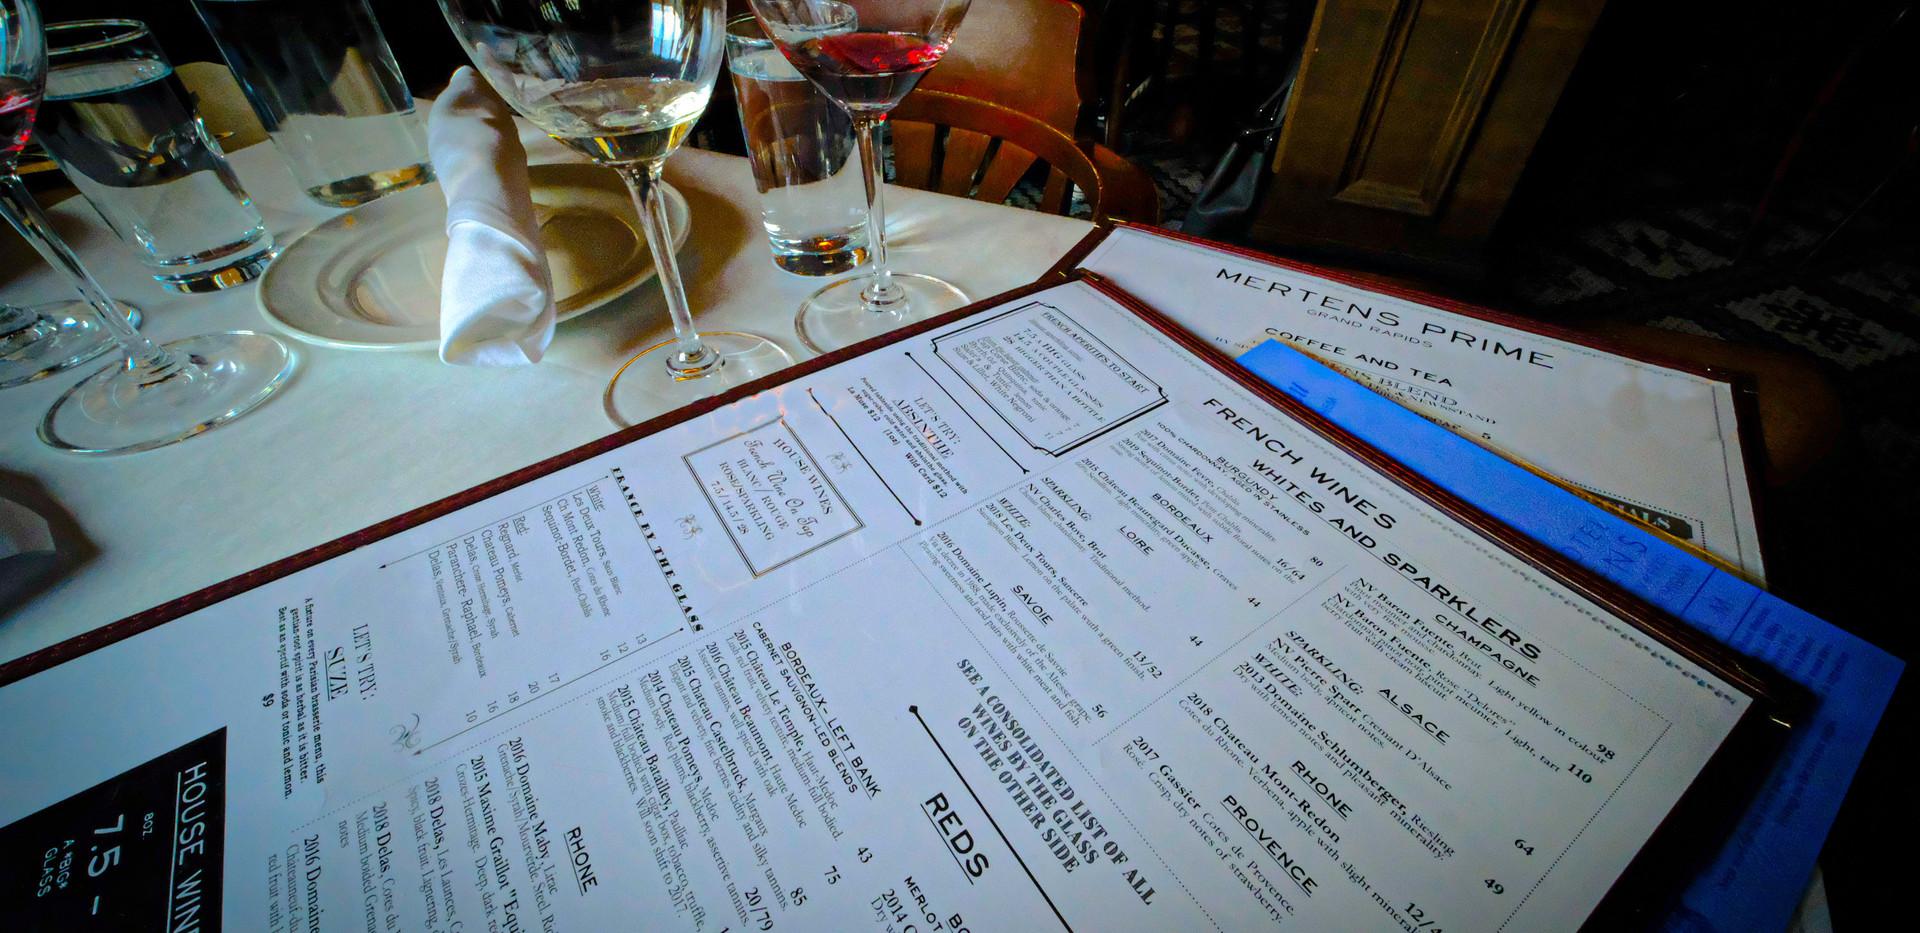 The wine menu at Mertens Prime